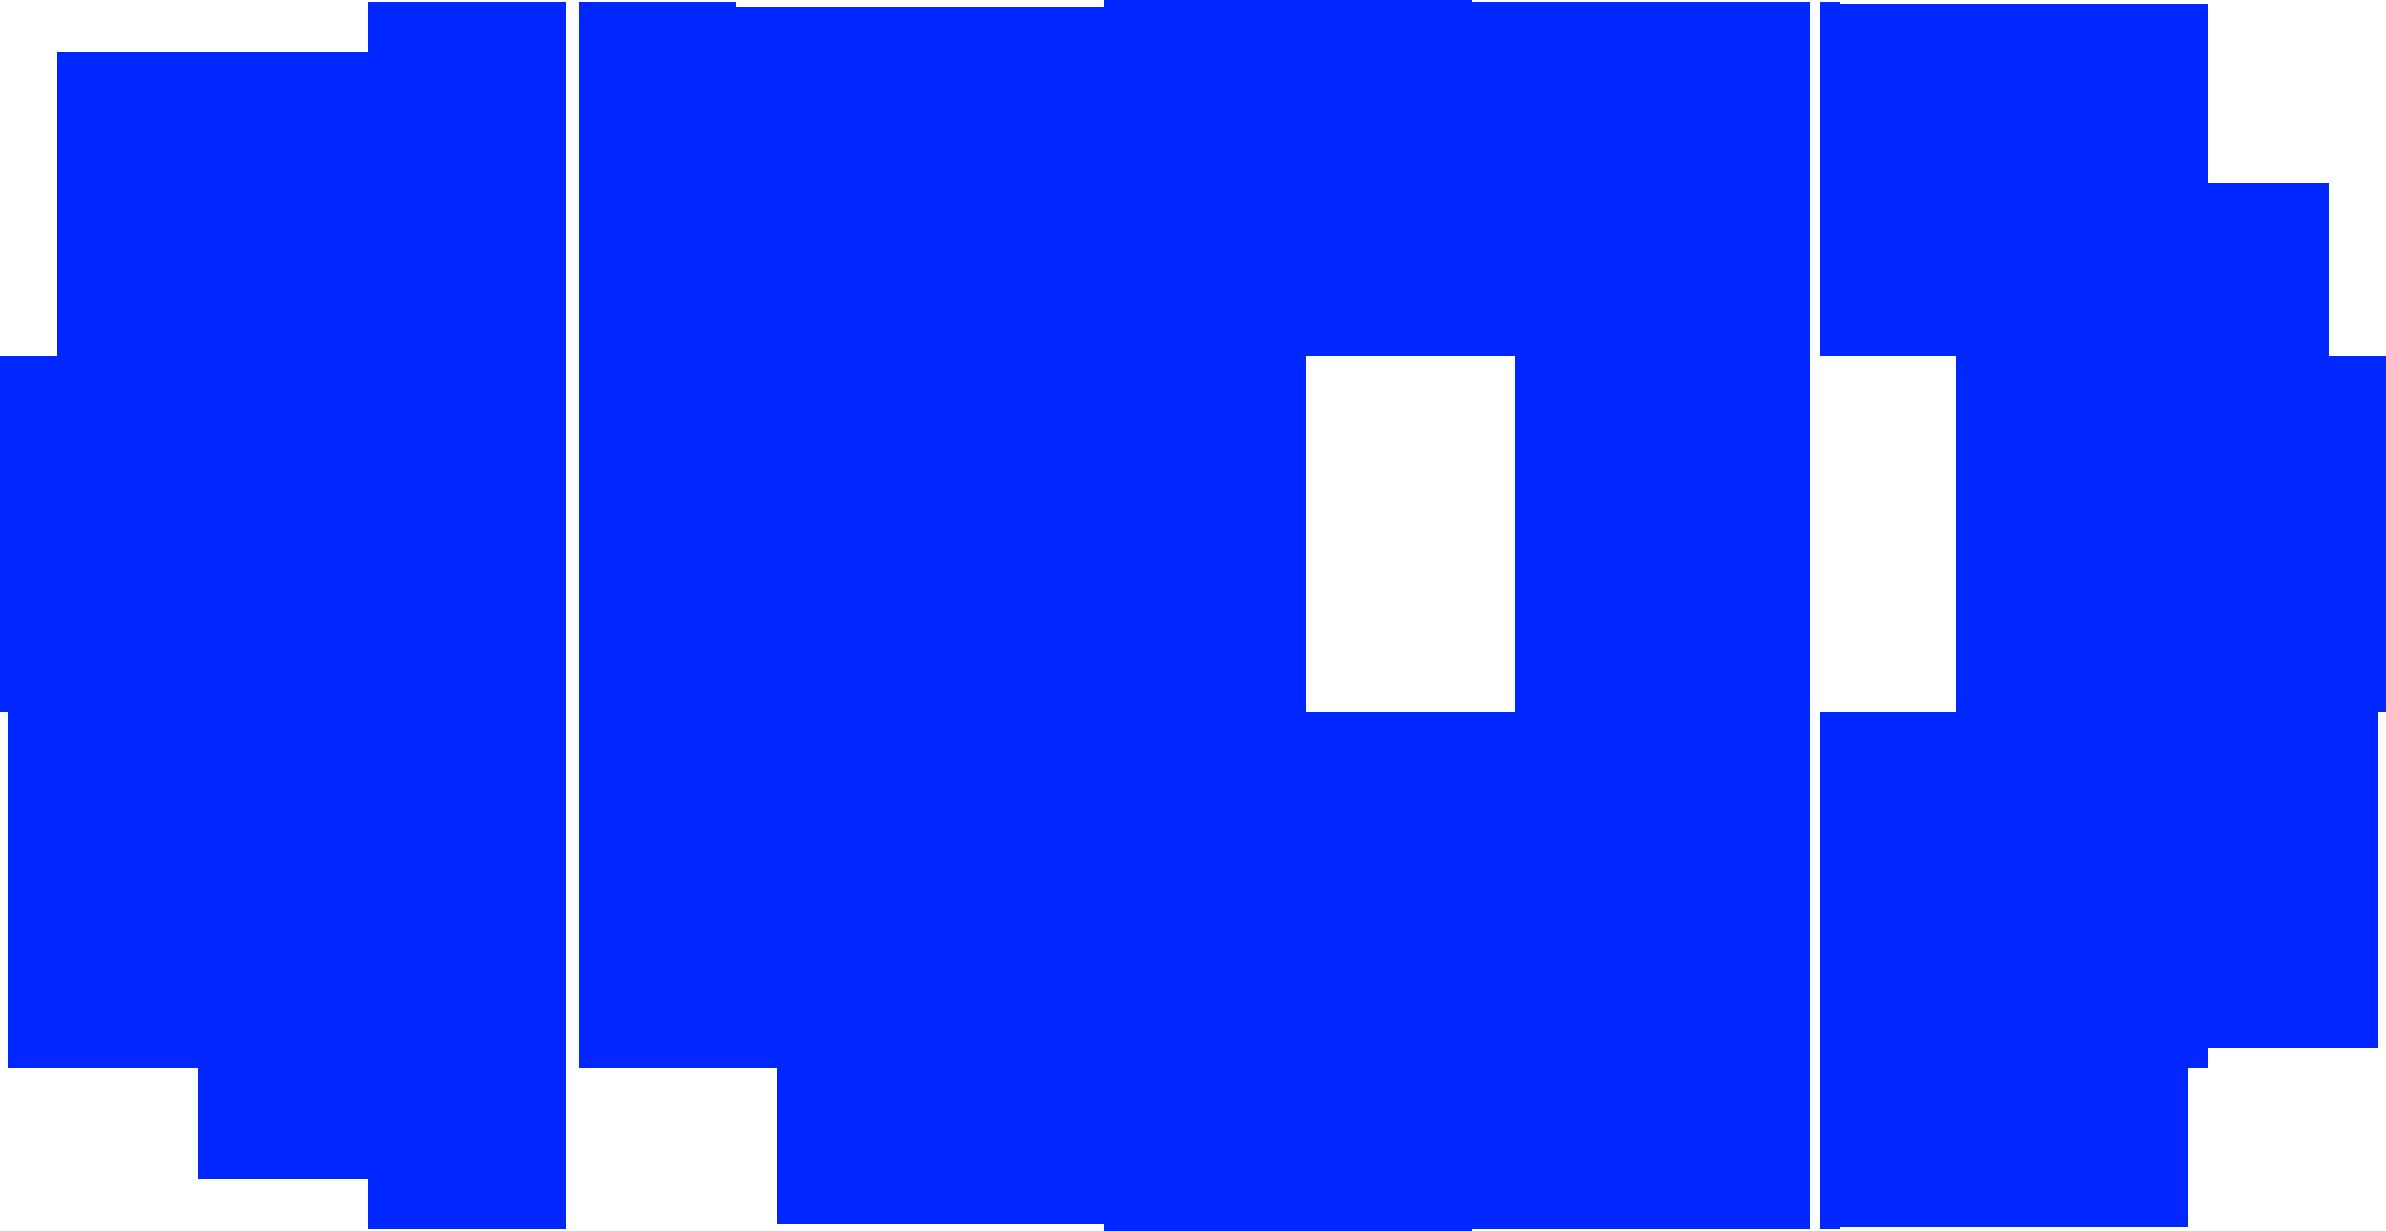 ТНТ (1998-2002, Моно, Синий)